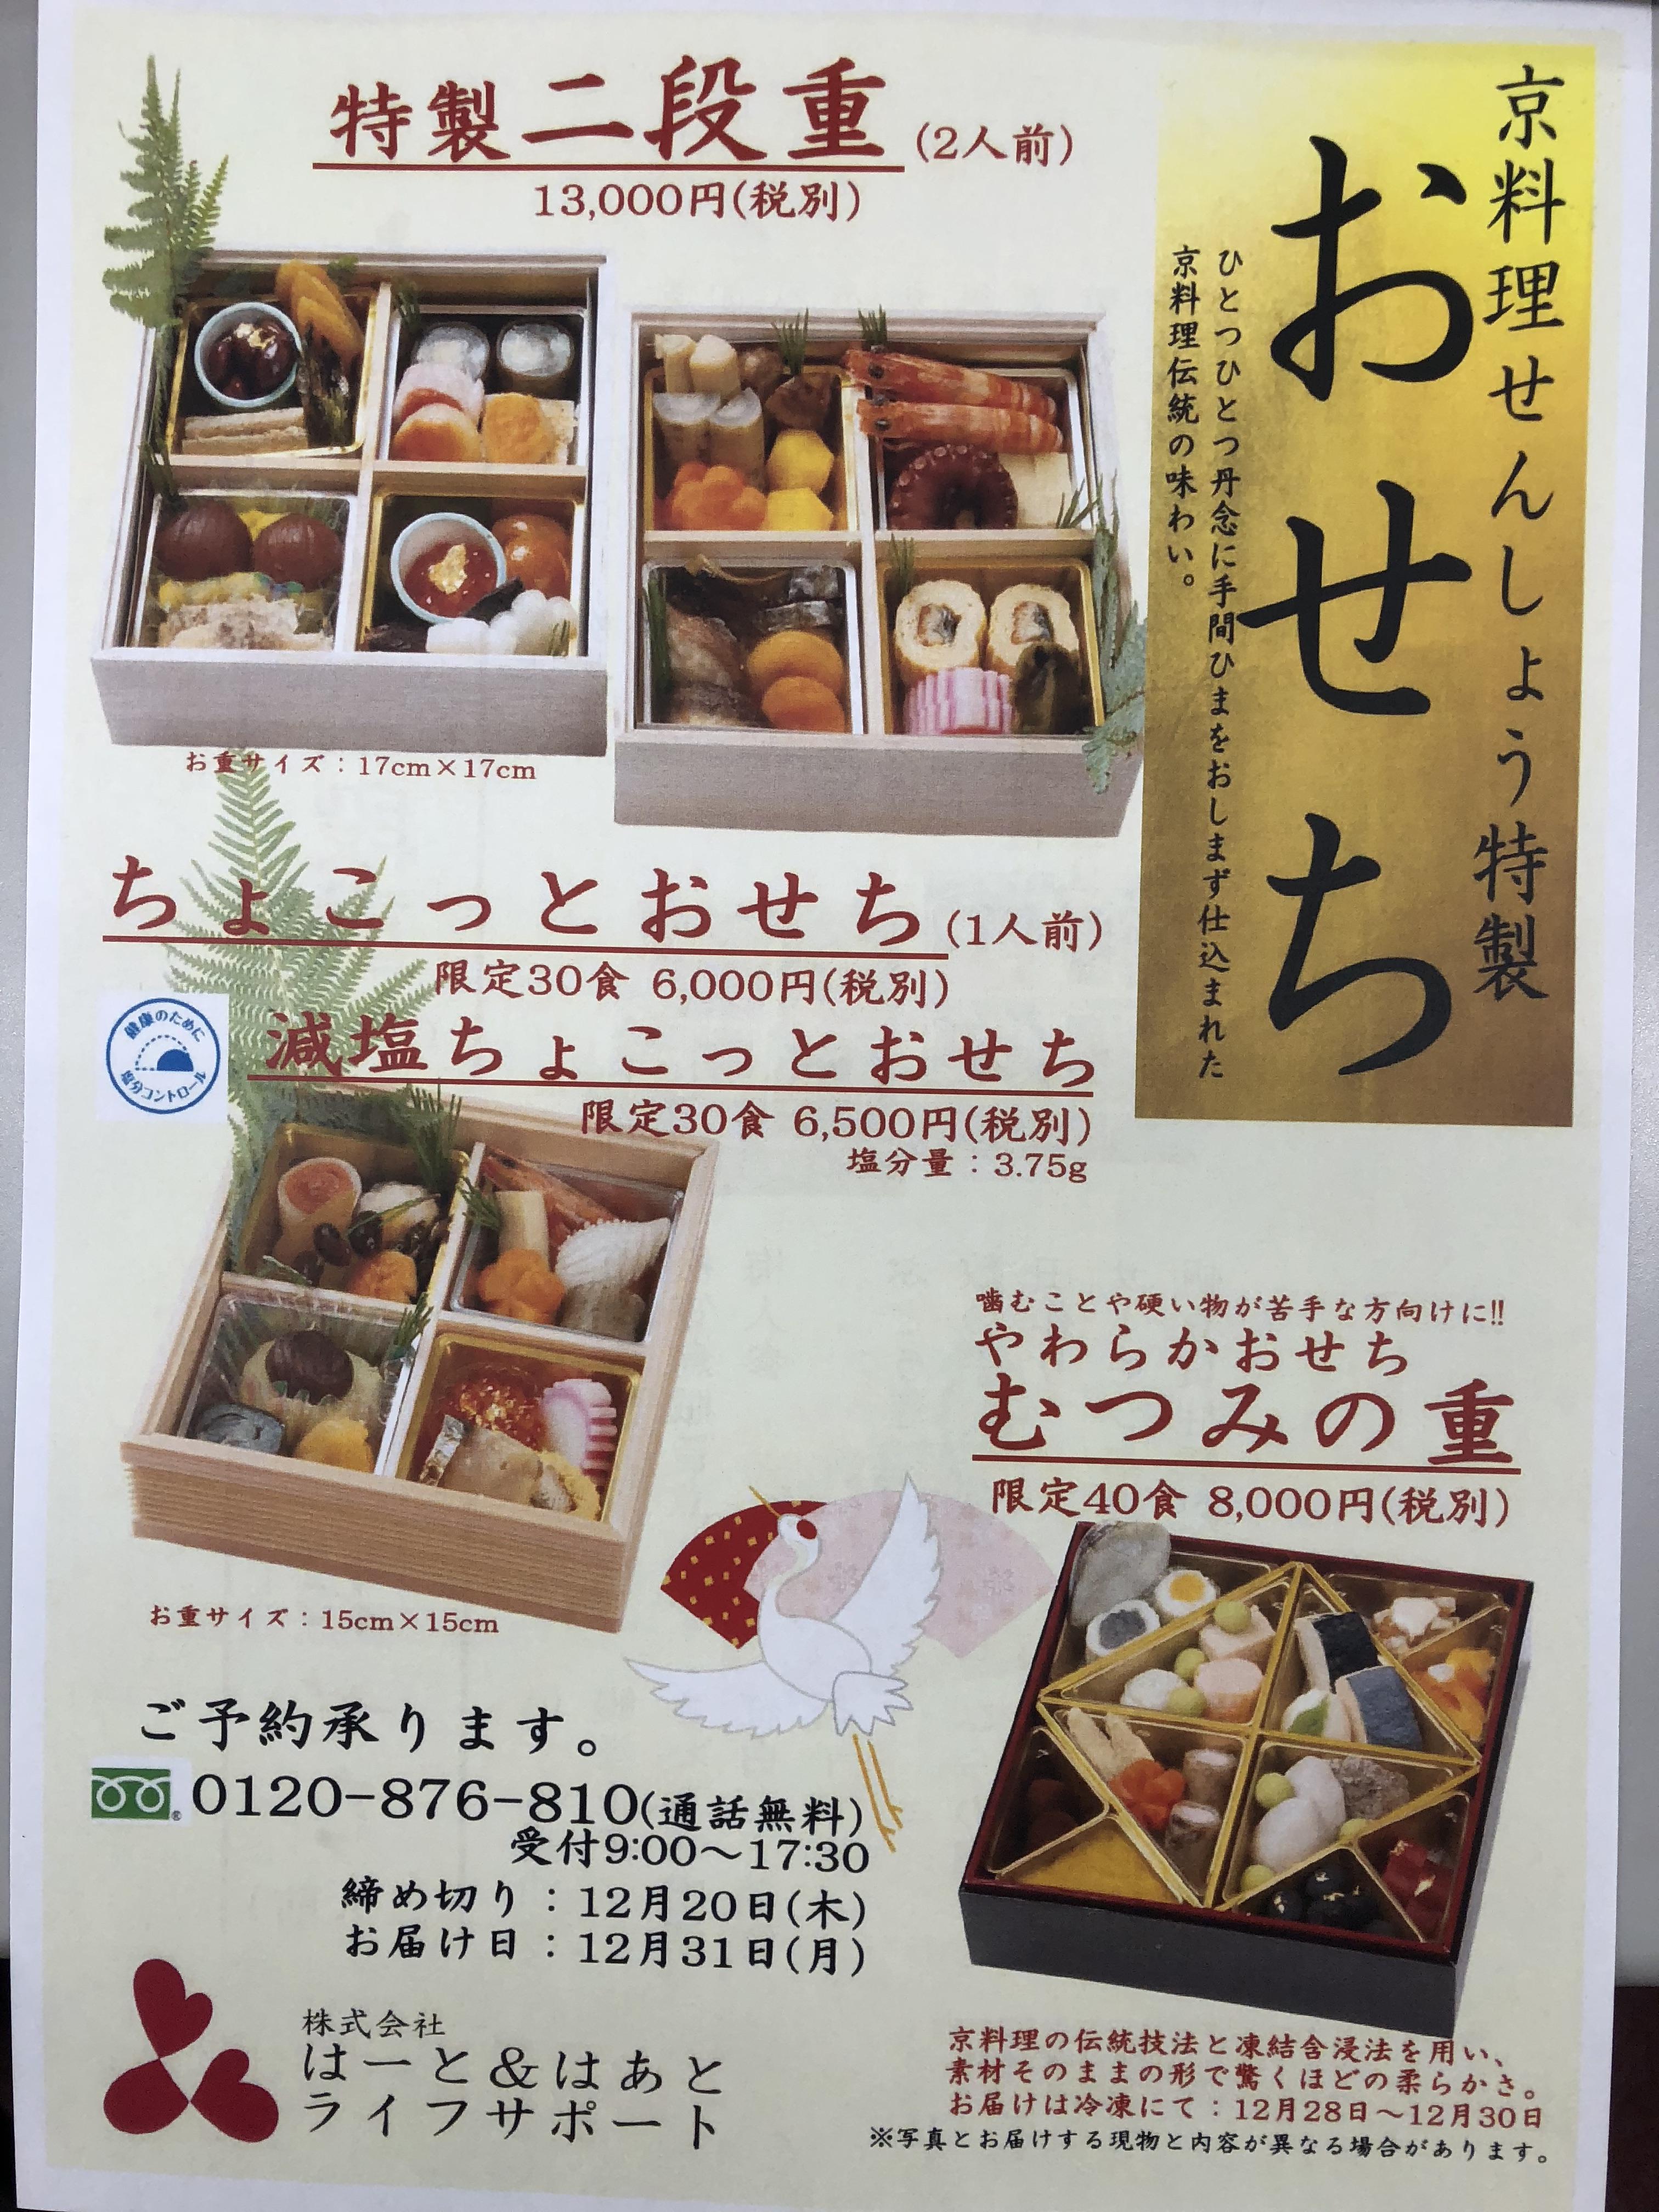 http://www.810810.co.jp/blog_run7/017.JPG